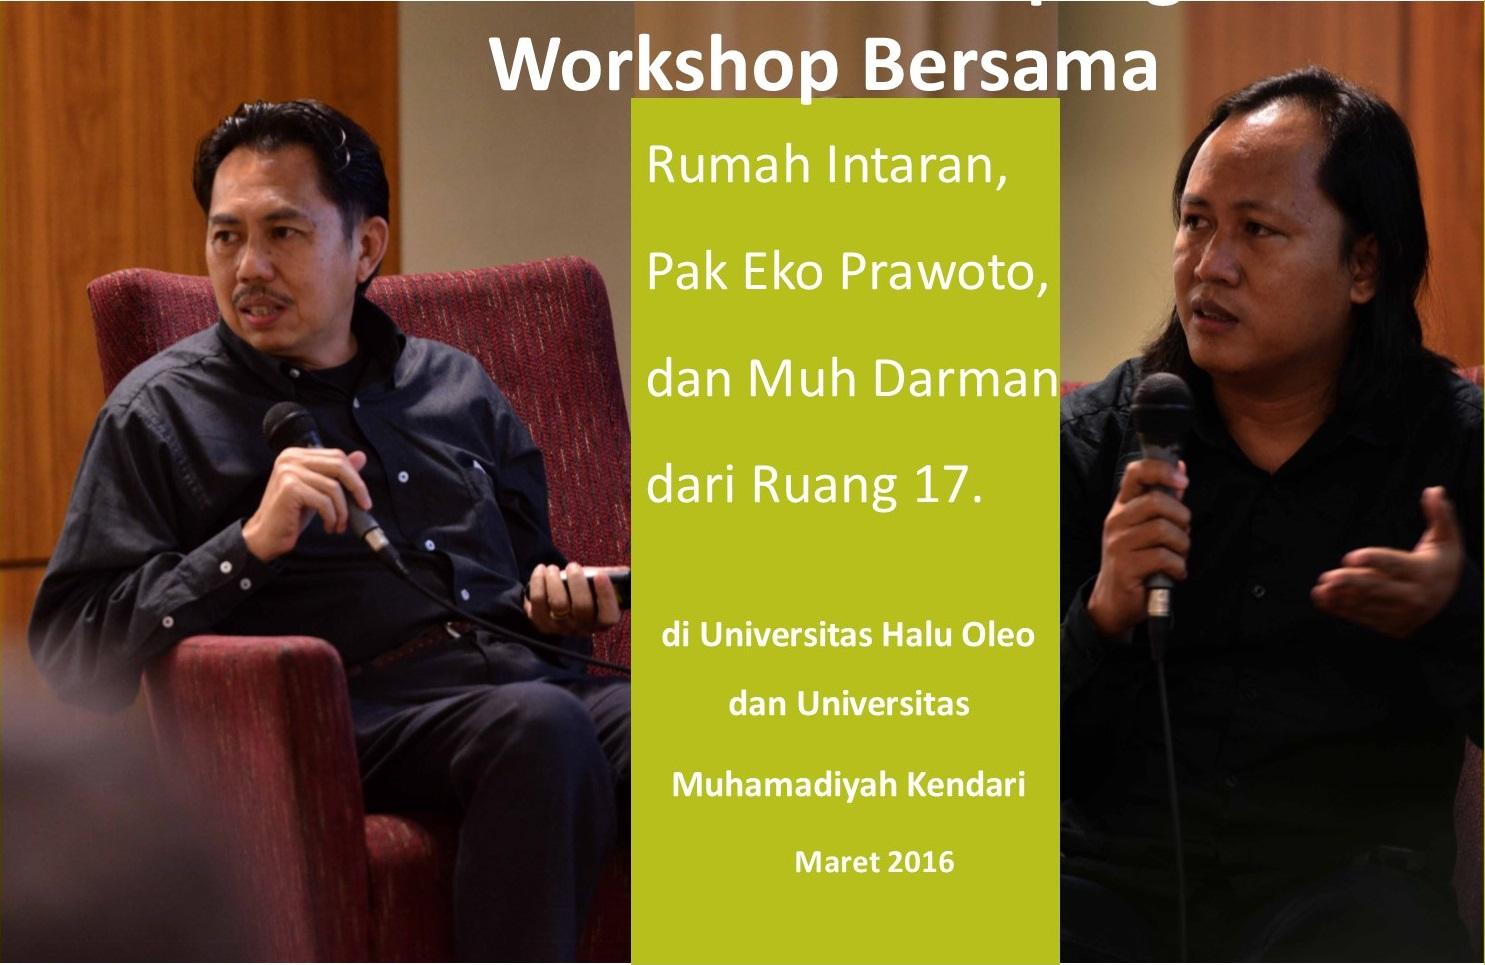 Workshop Bersama Rumah Intaran Bali Pak Eko Prawoto Seberapa